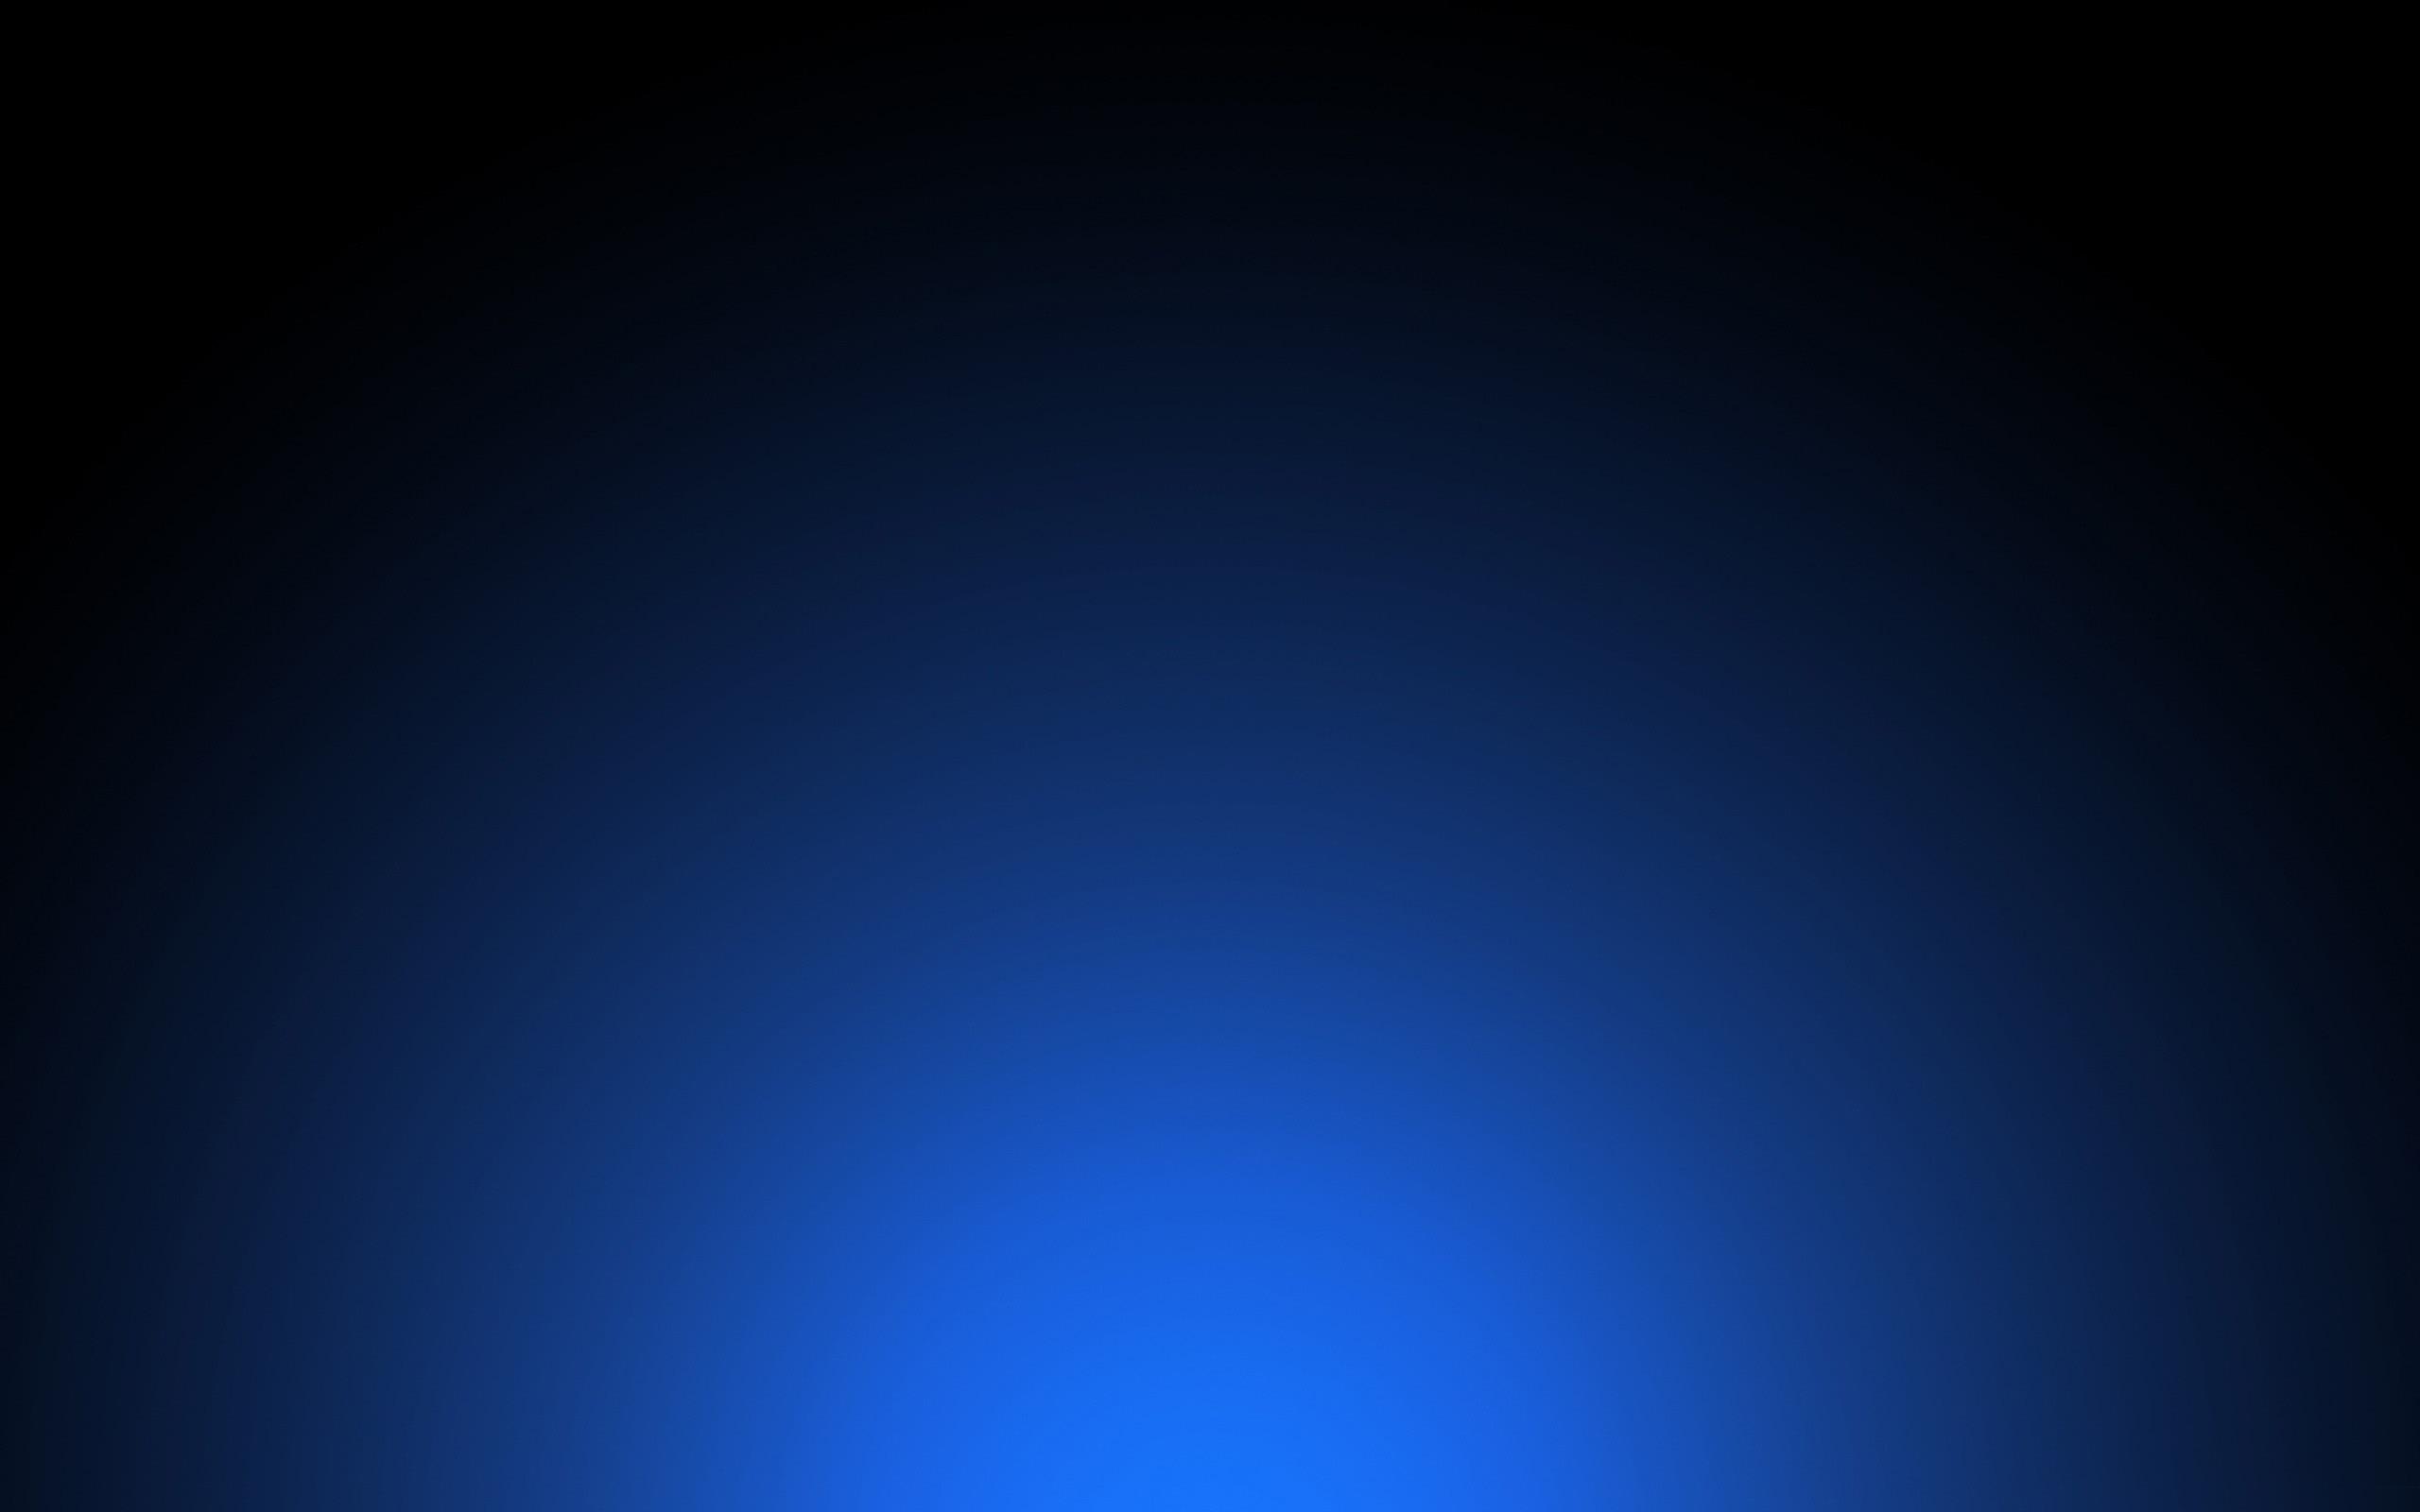 シンプルなブルーブラック 設計のhdの壁紙プレビュー 10wallpaper Com